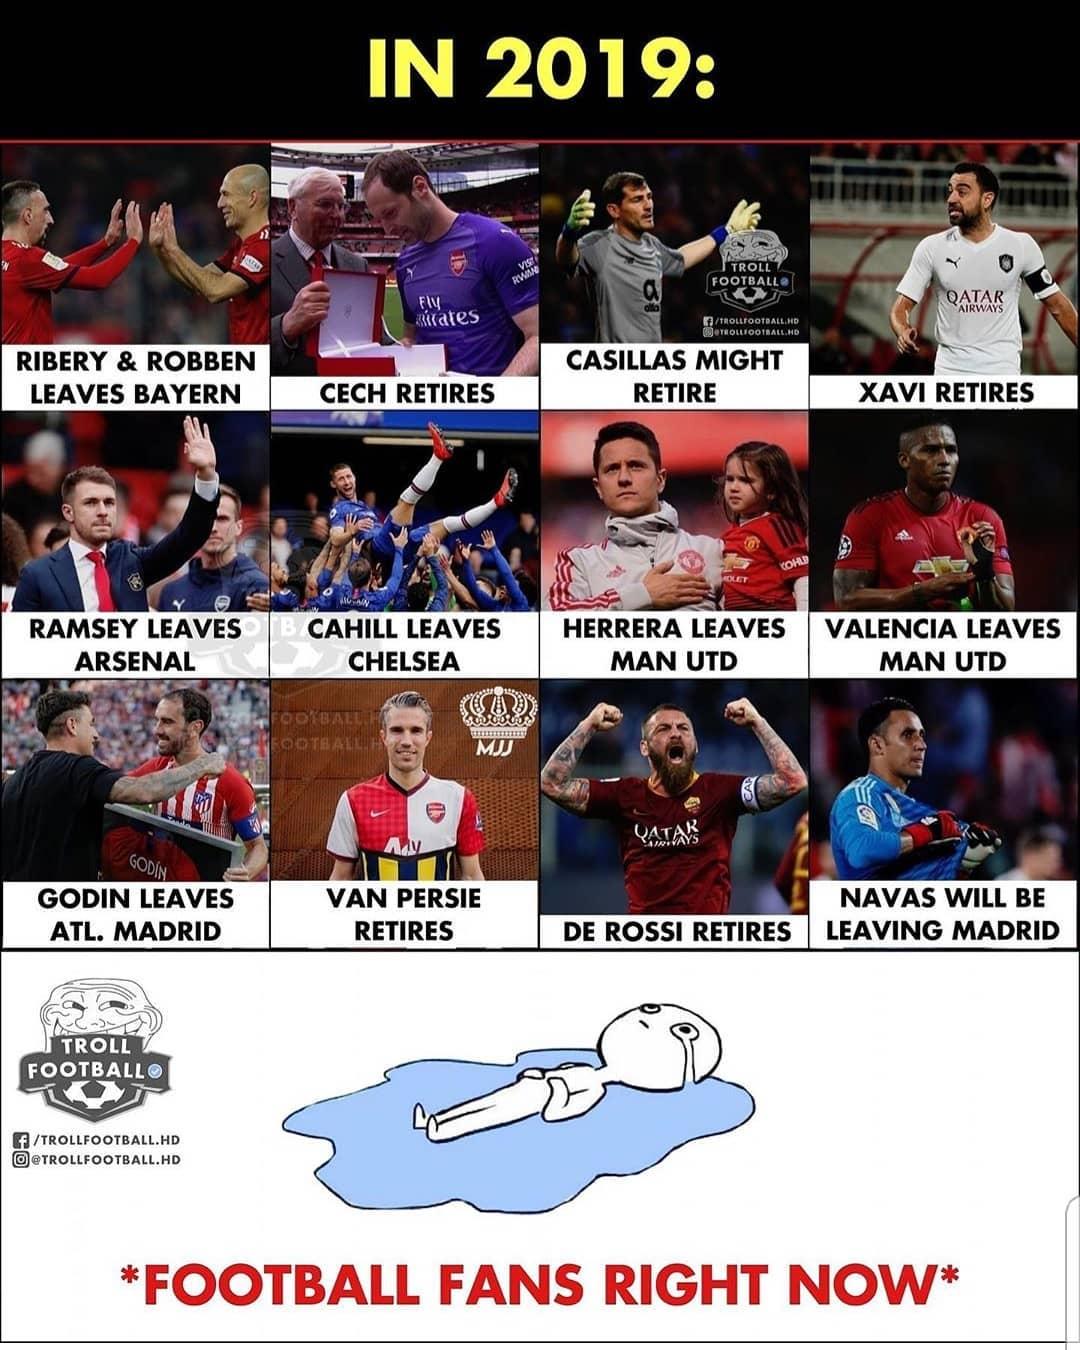 นี่มันน่าเศร้า! 》 ราวกับว่าคุณรักโพสต์! #ronaldo # เกมฟุตบอล #realmadrid #ju …